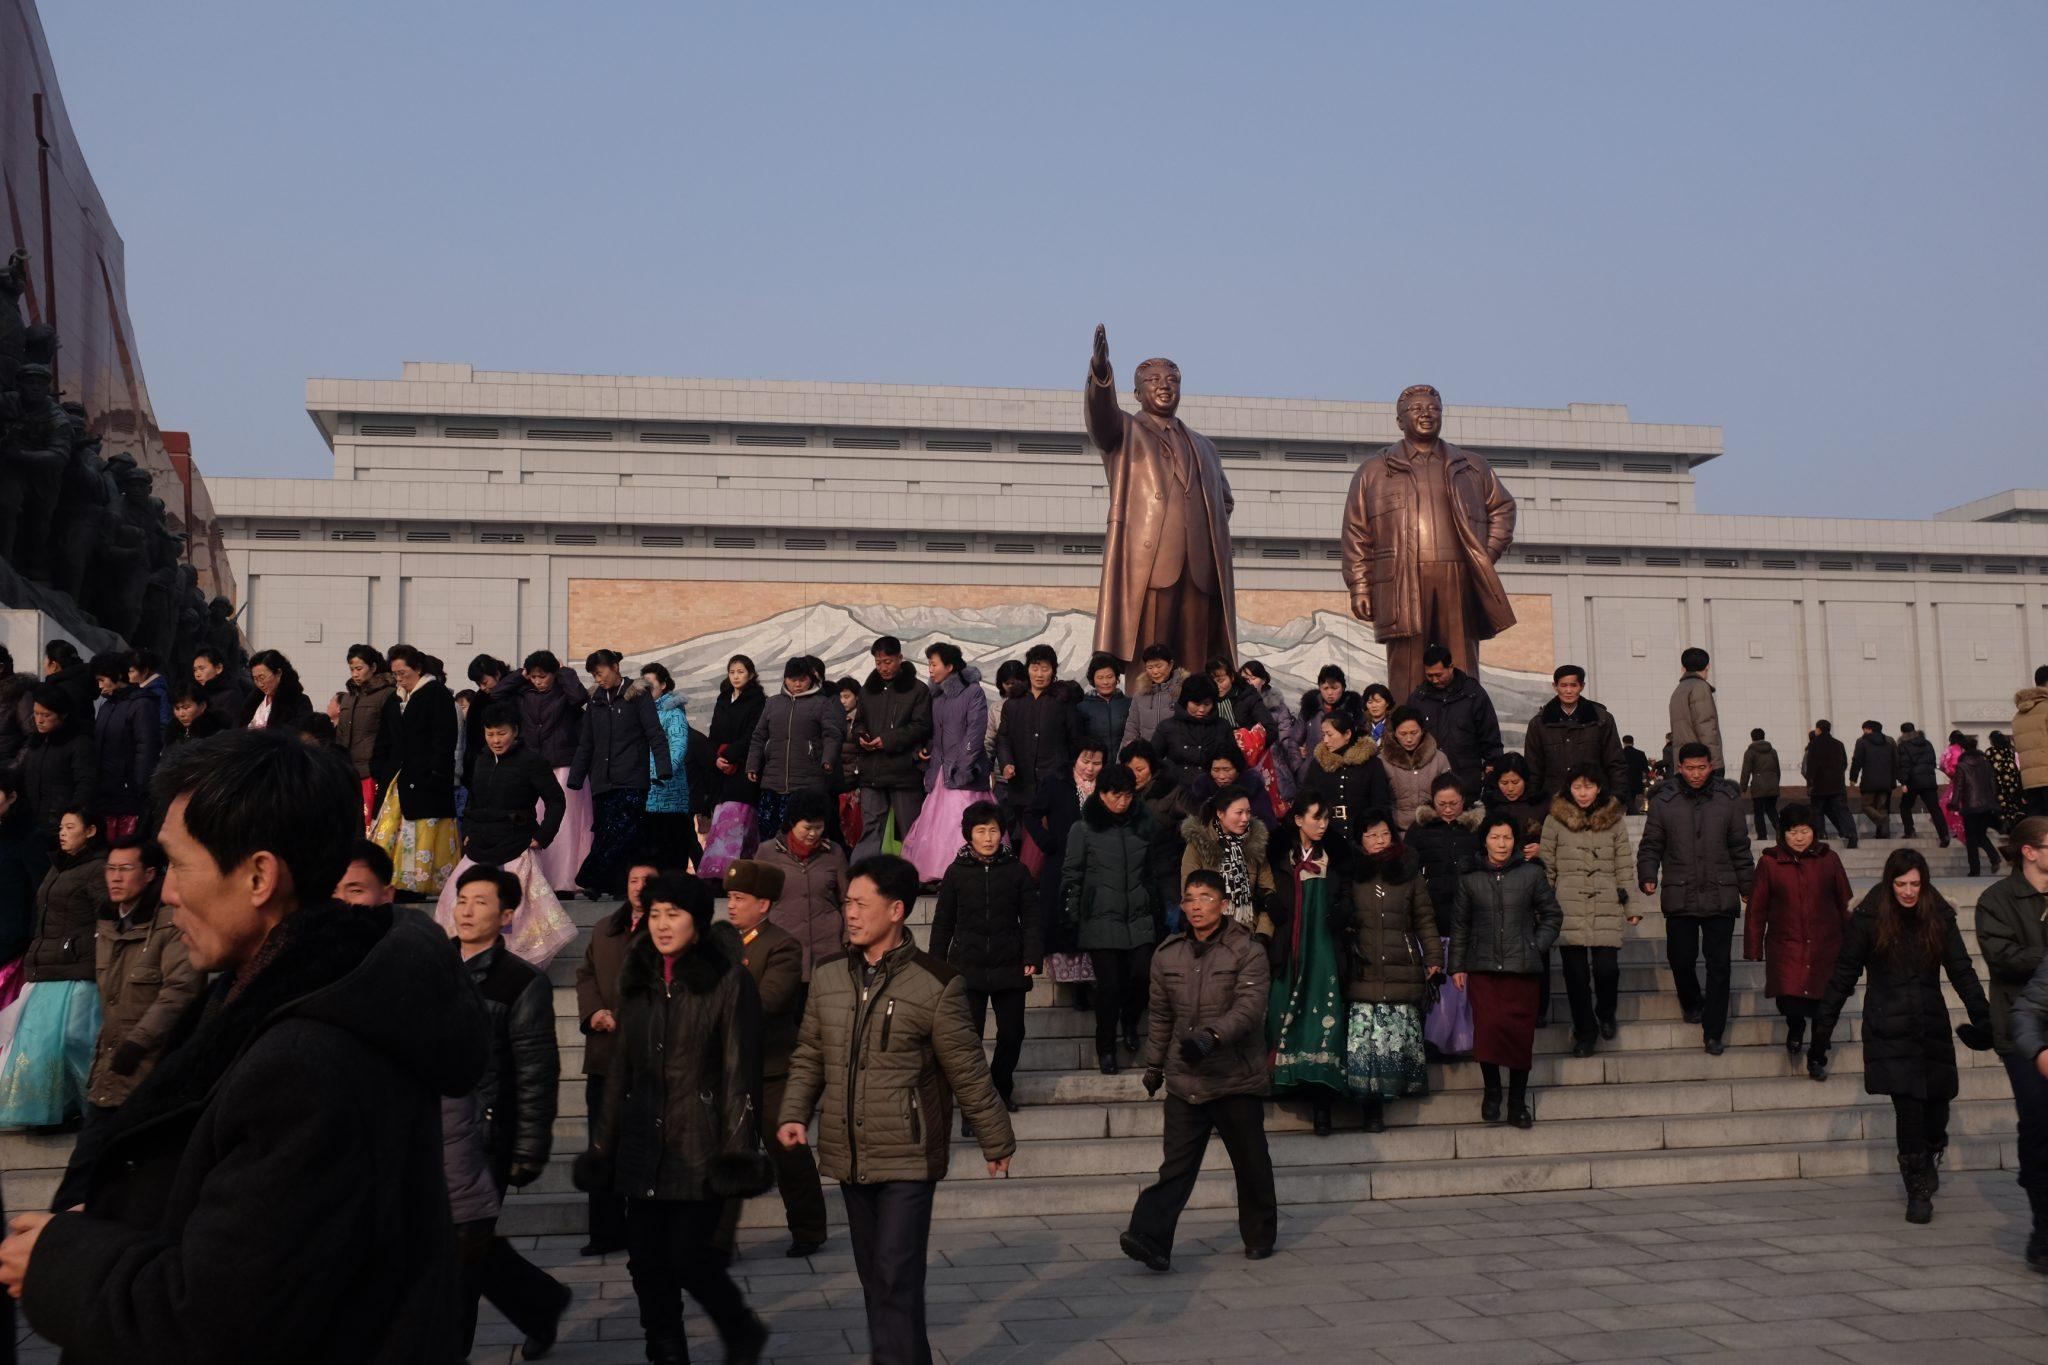 Grand monument in Pyongyang, North Korea.